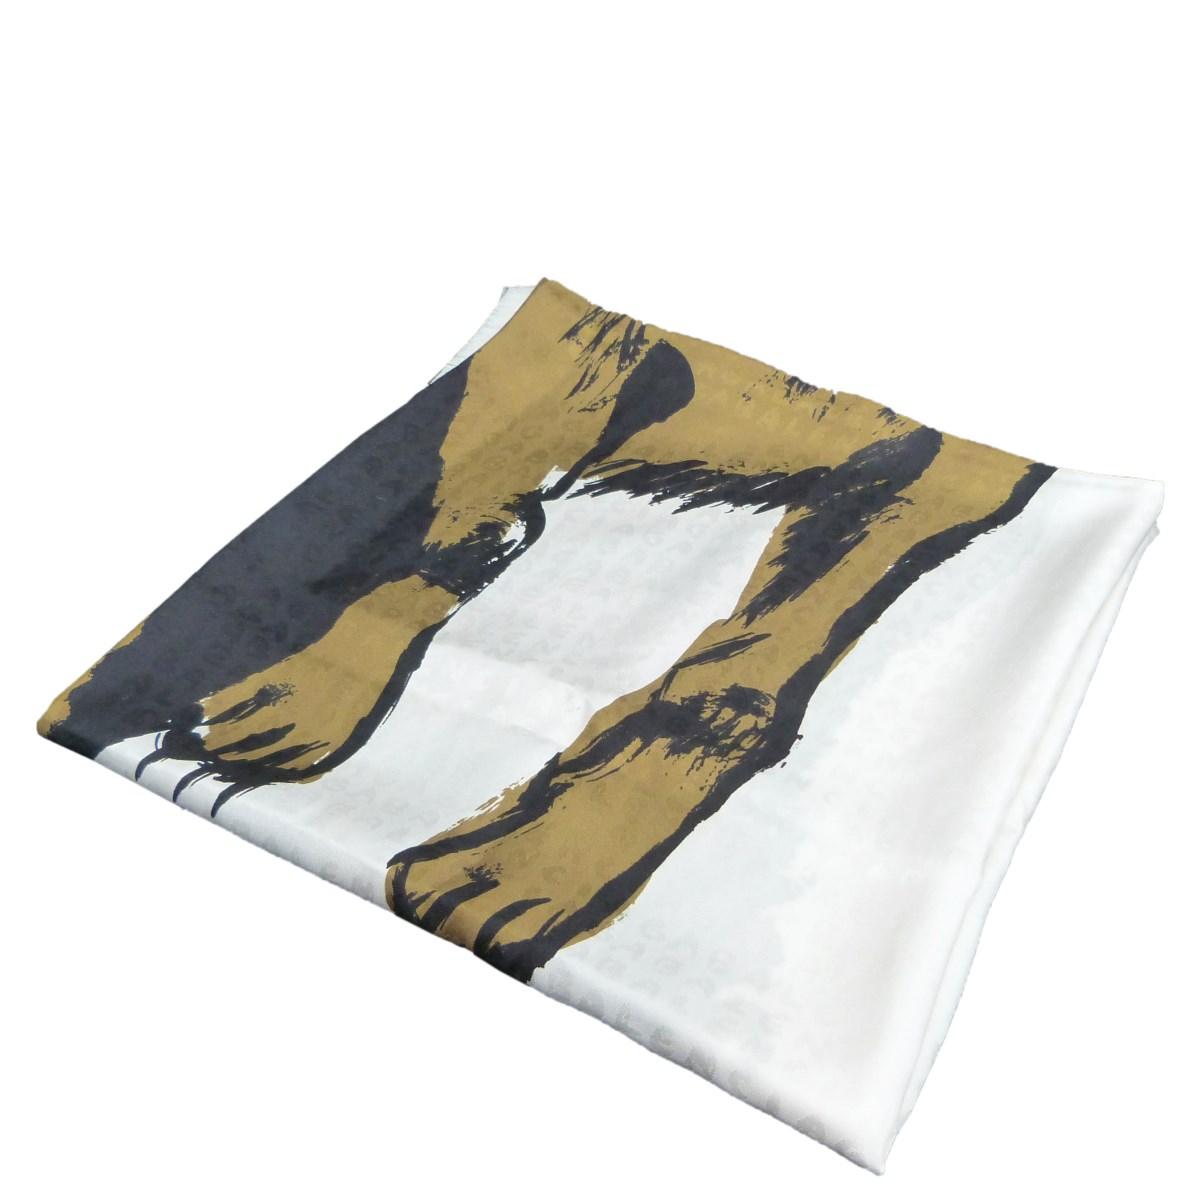 【中古】BALENCIAGA タイガープリント大判ストール ホワイト サイズ:- 【070120】(バレンシアガ)